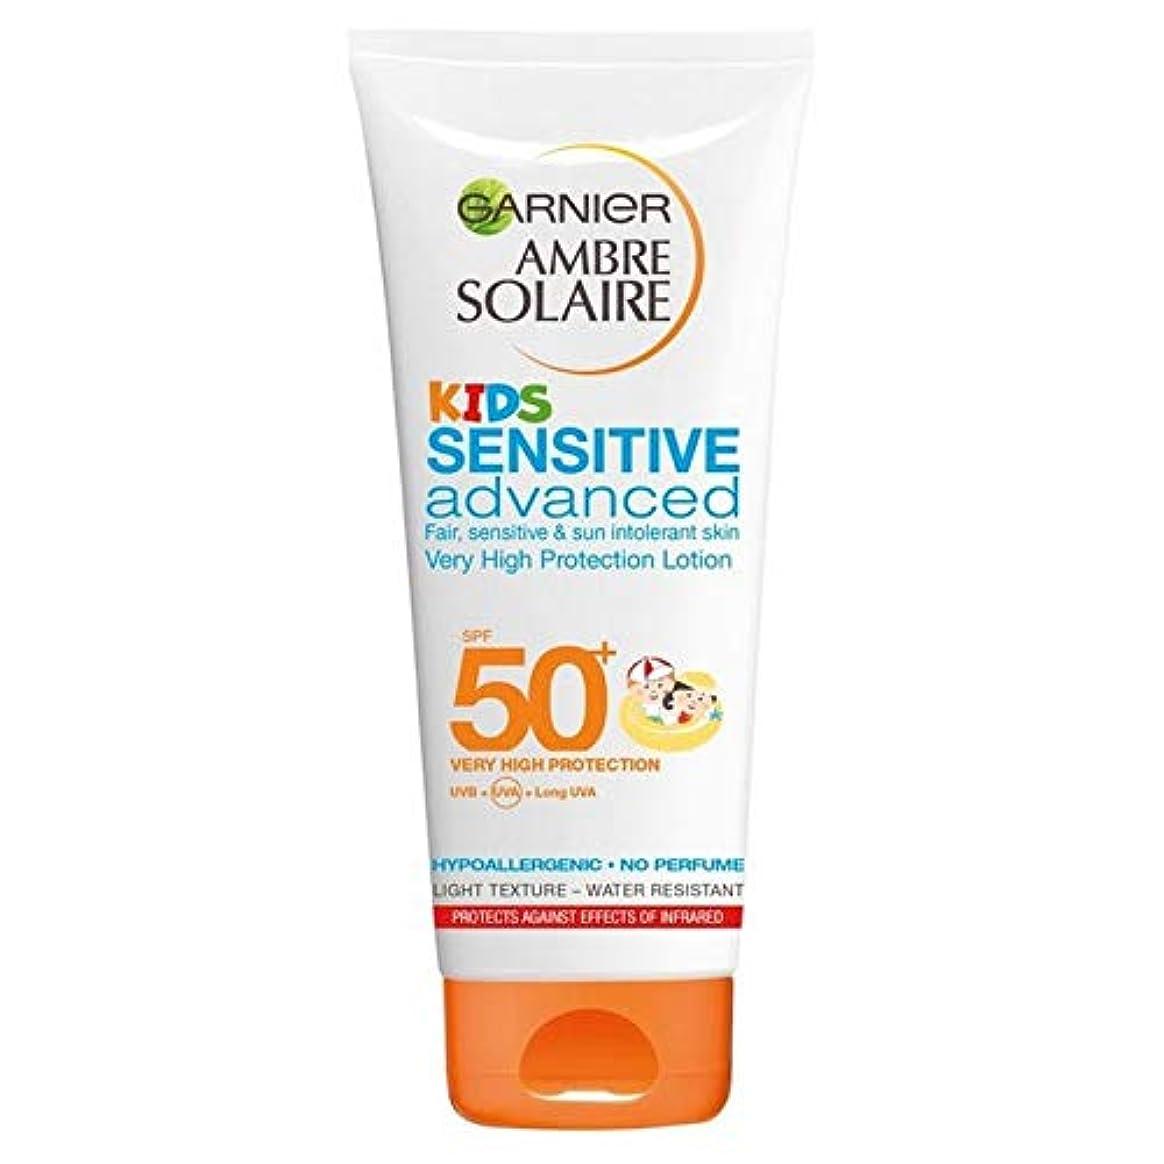 シロクマ可愛い才能のある[Garnier ] アンブレSolaire子供敏感日クリームローションSpf50 + 200ミリリットル - Ambre Solaire Kids Sensitive Sun Cream Lotion SPF50+ 200ml...